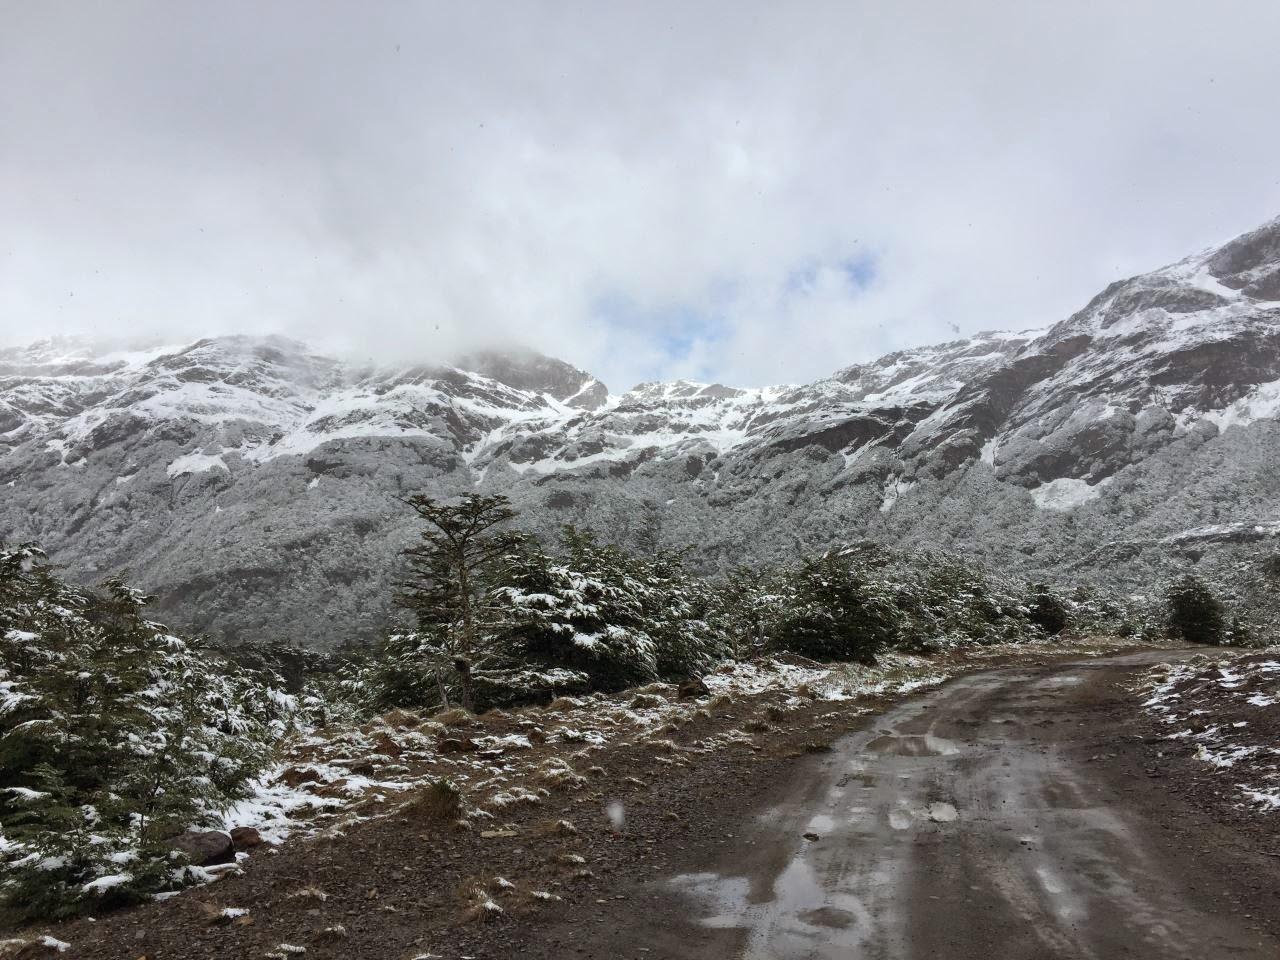 Ushuaia 4x4 Offroad tour - die Anden Überquerung auf einer alten Passstrasse